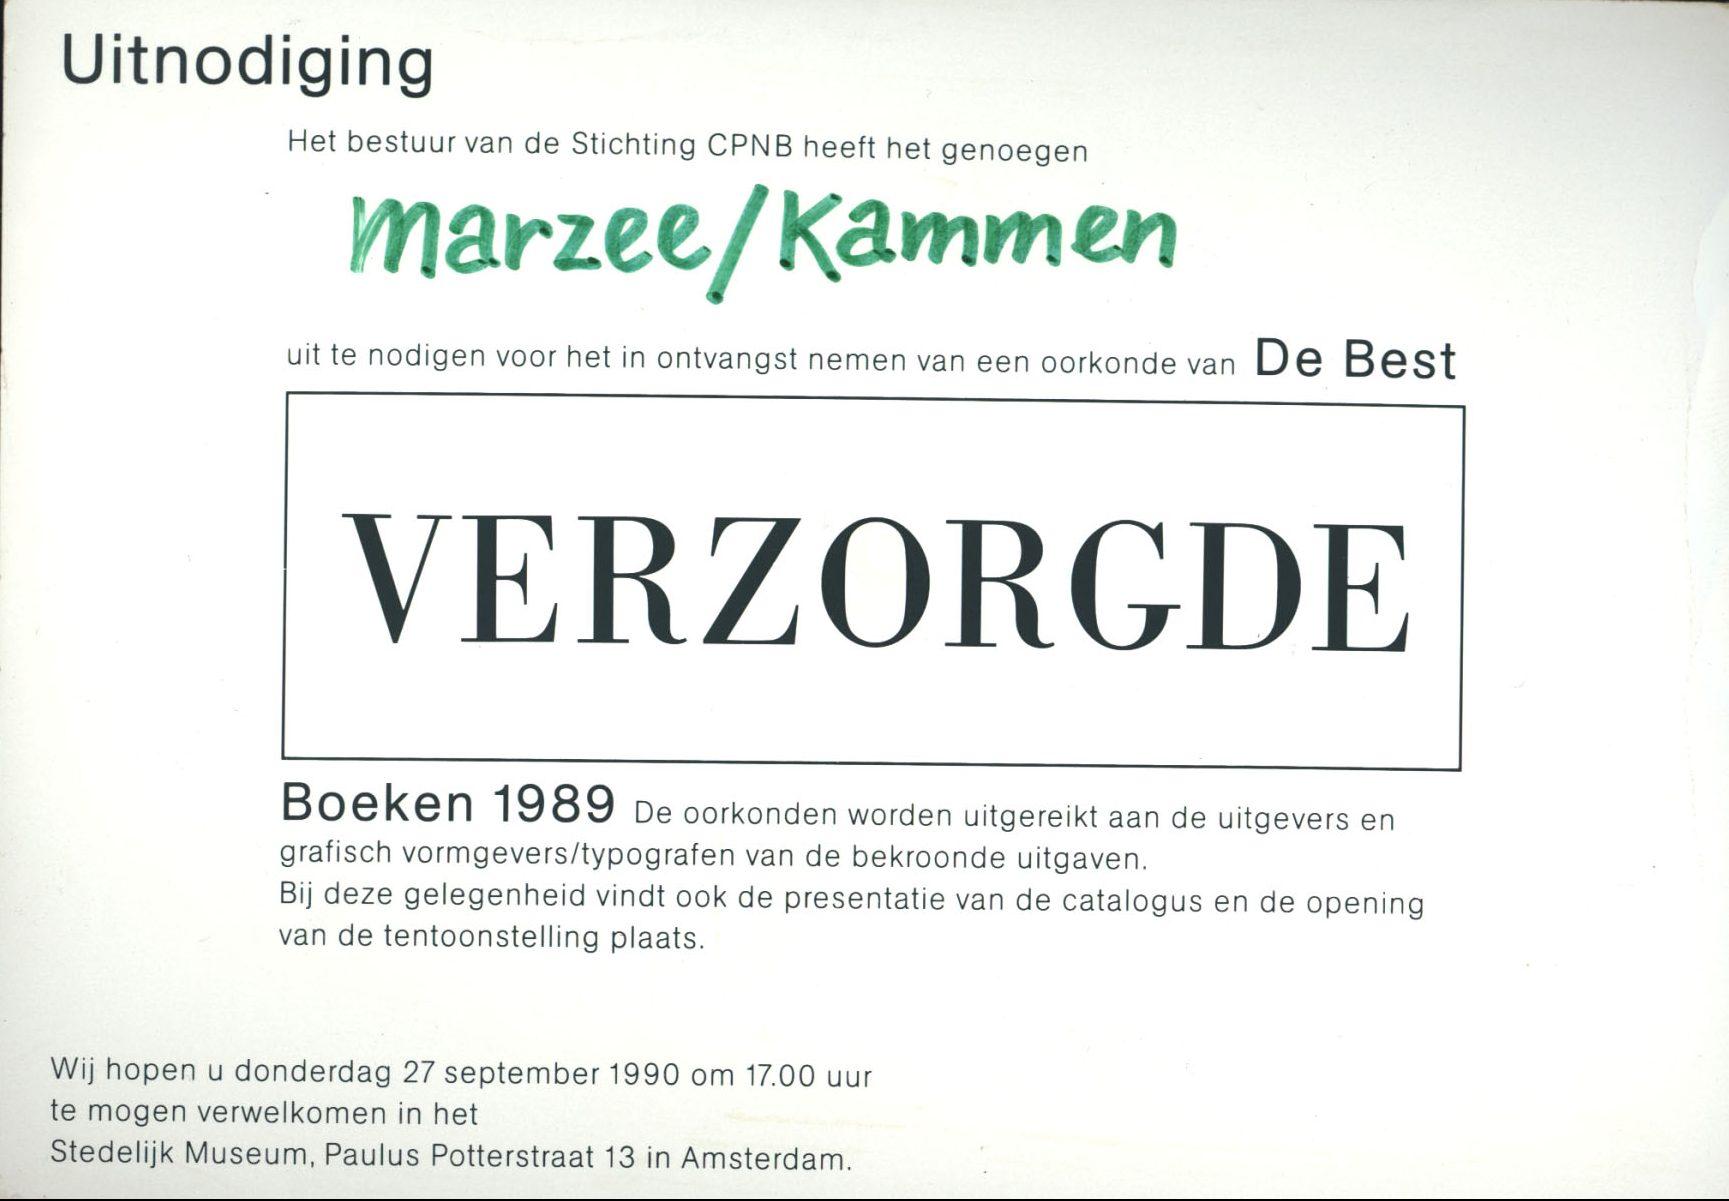 Uitnodiging Best Verzorgde Boeken, 1989. Foto met dank aan Galerie Marzee©